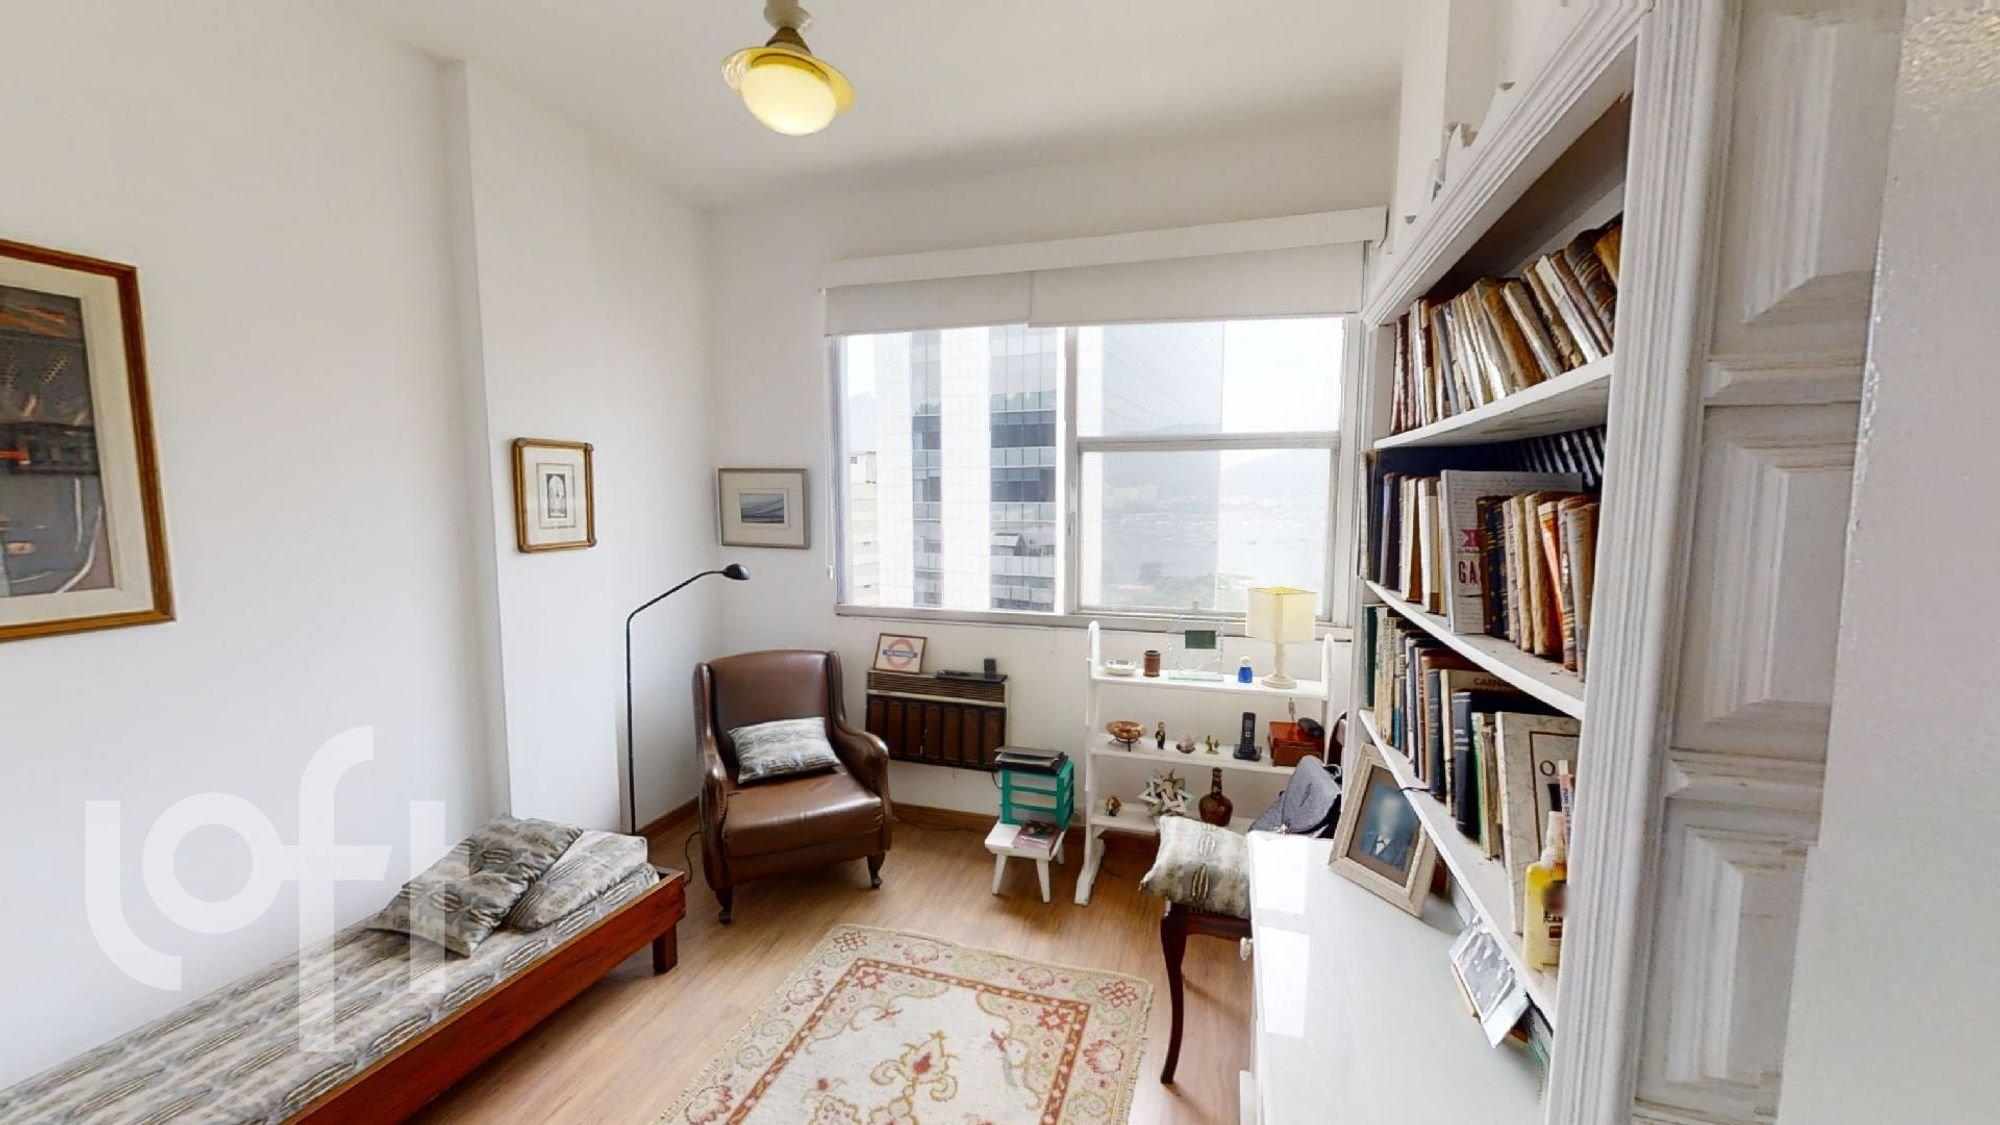 Foto de Sala com cama, cadeira, livro